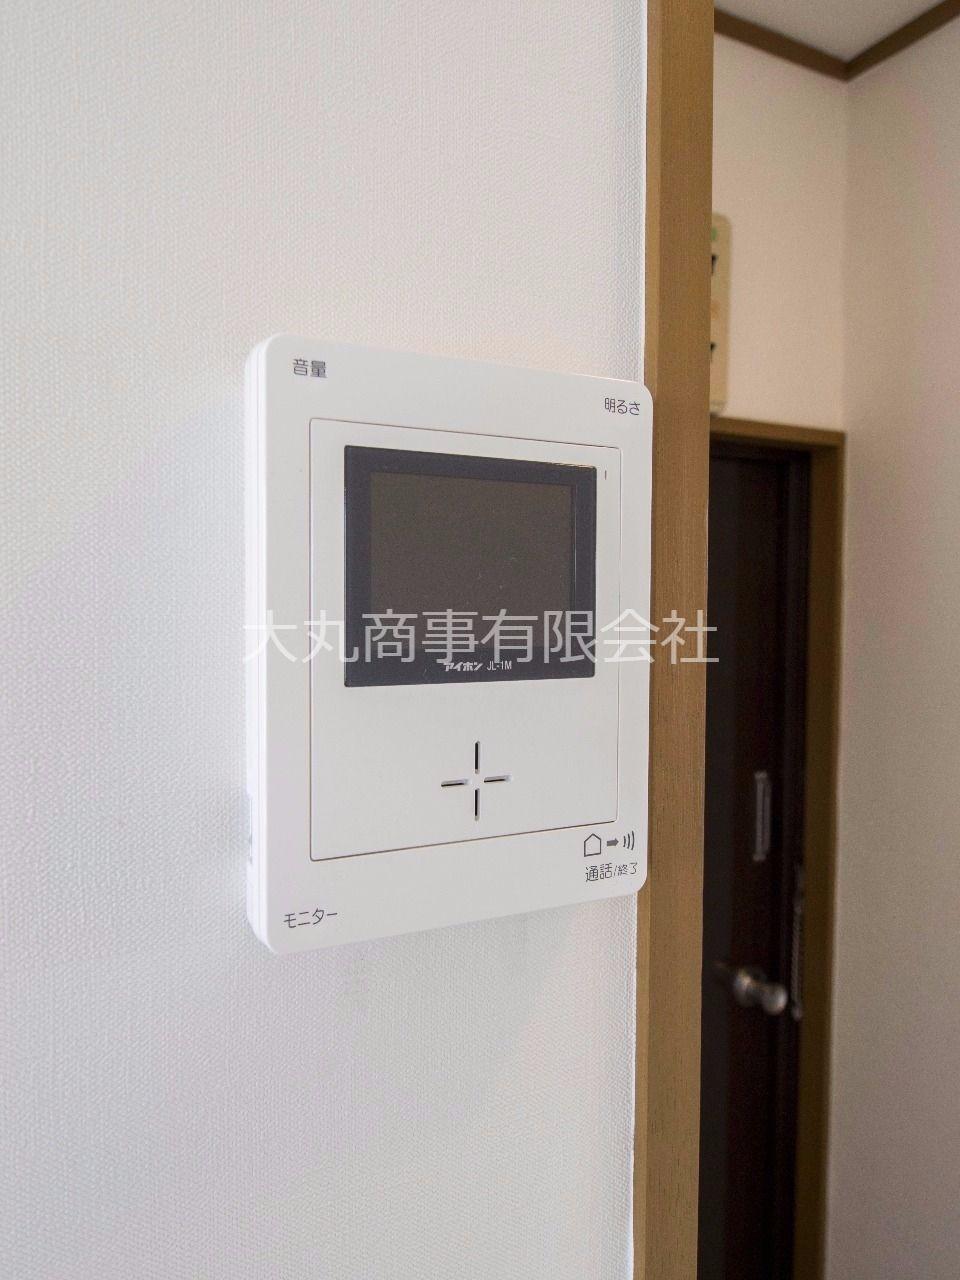 モニター付インターホンで来訪者の確認ができます